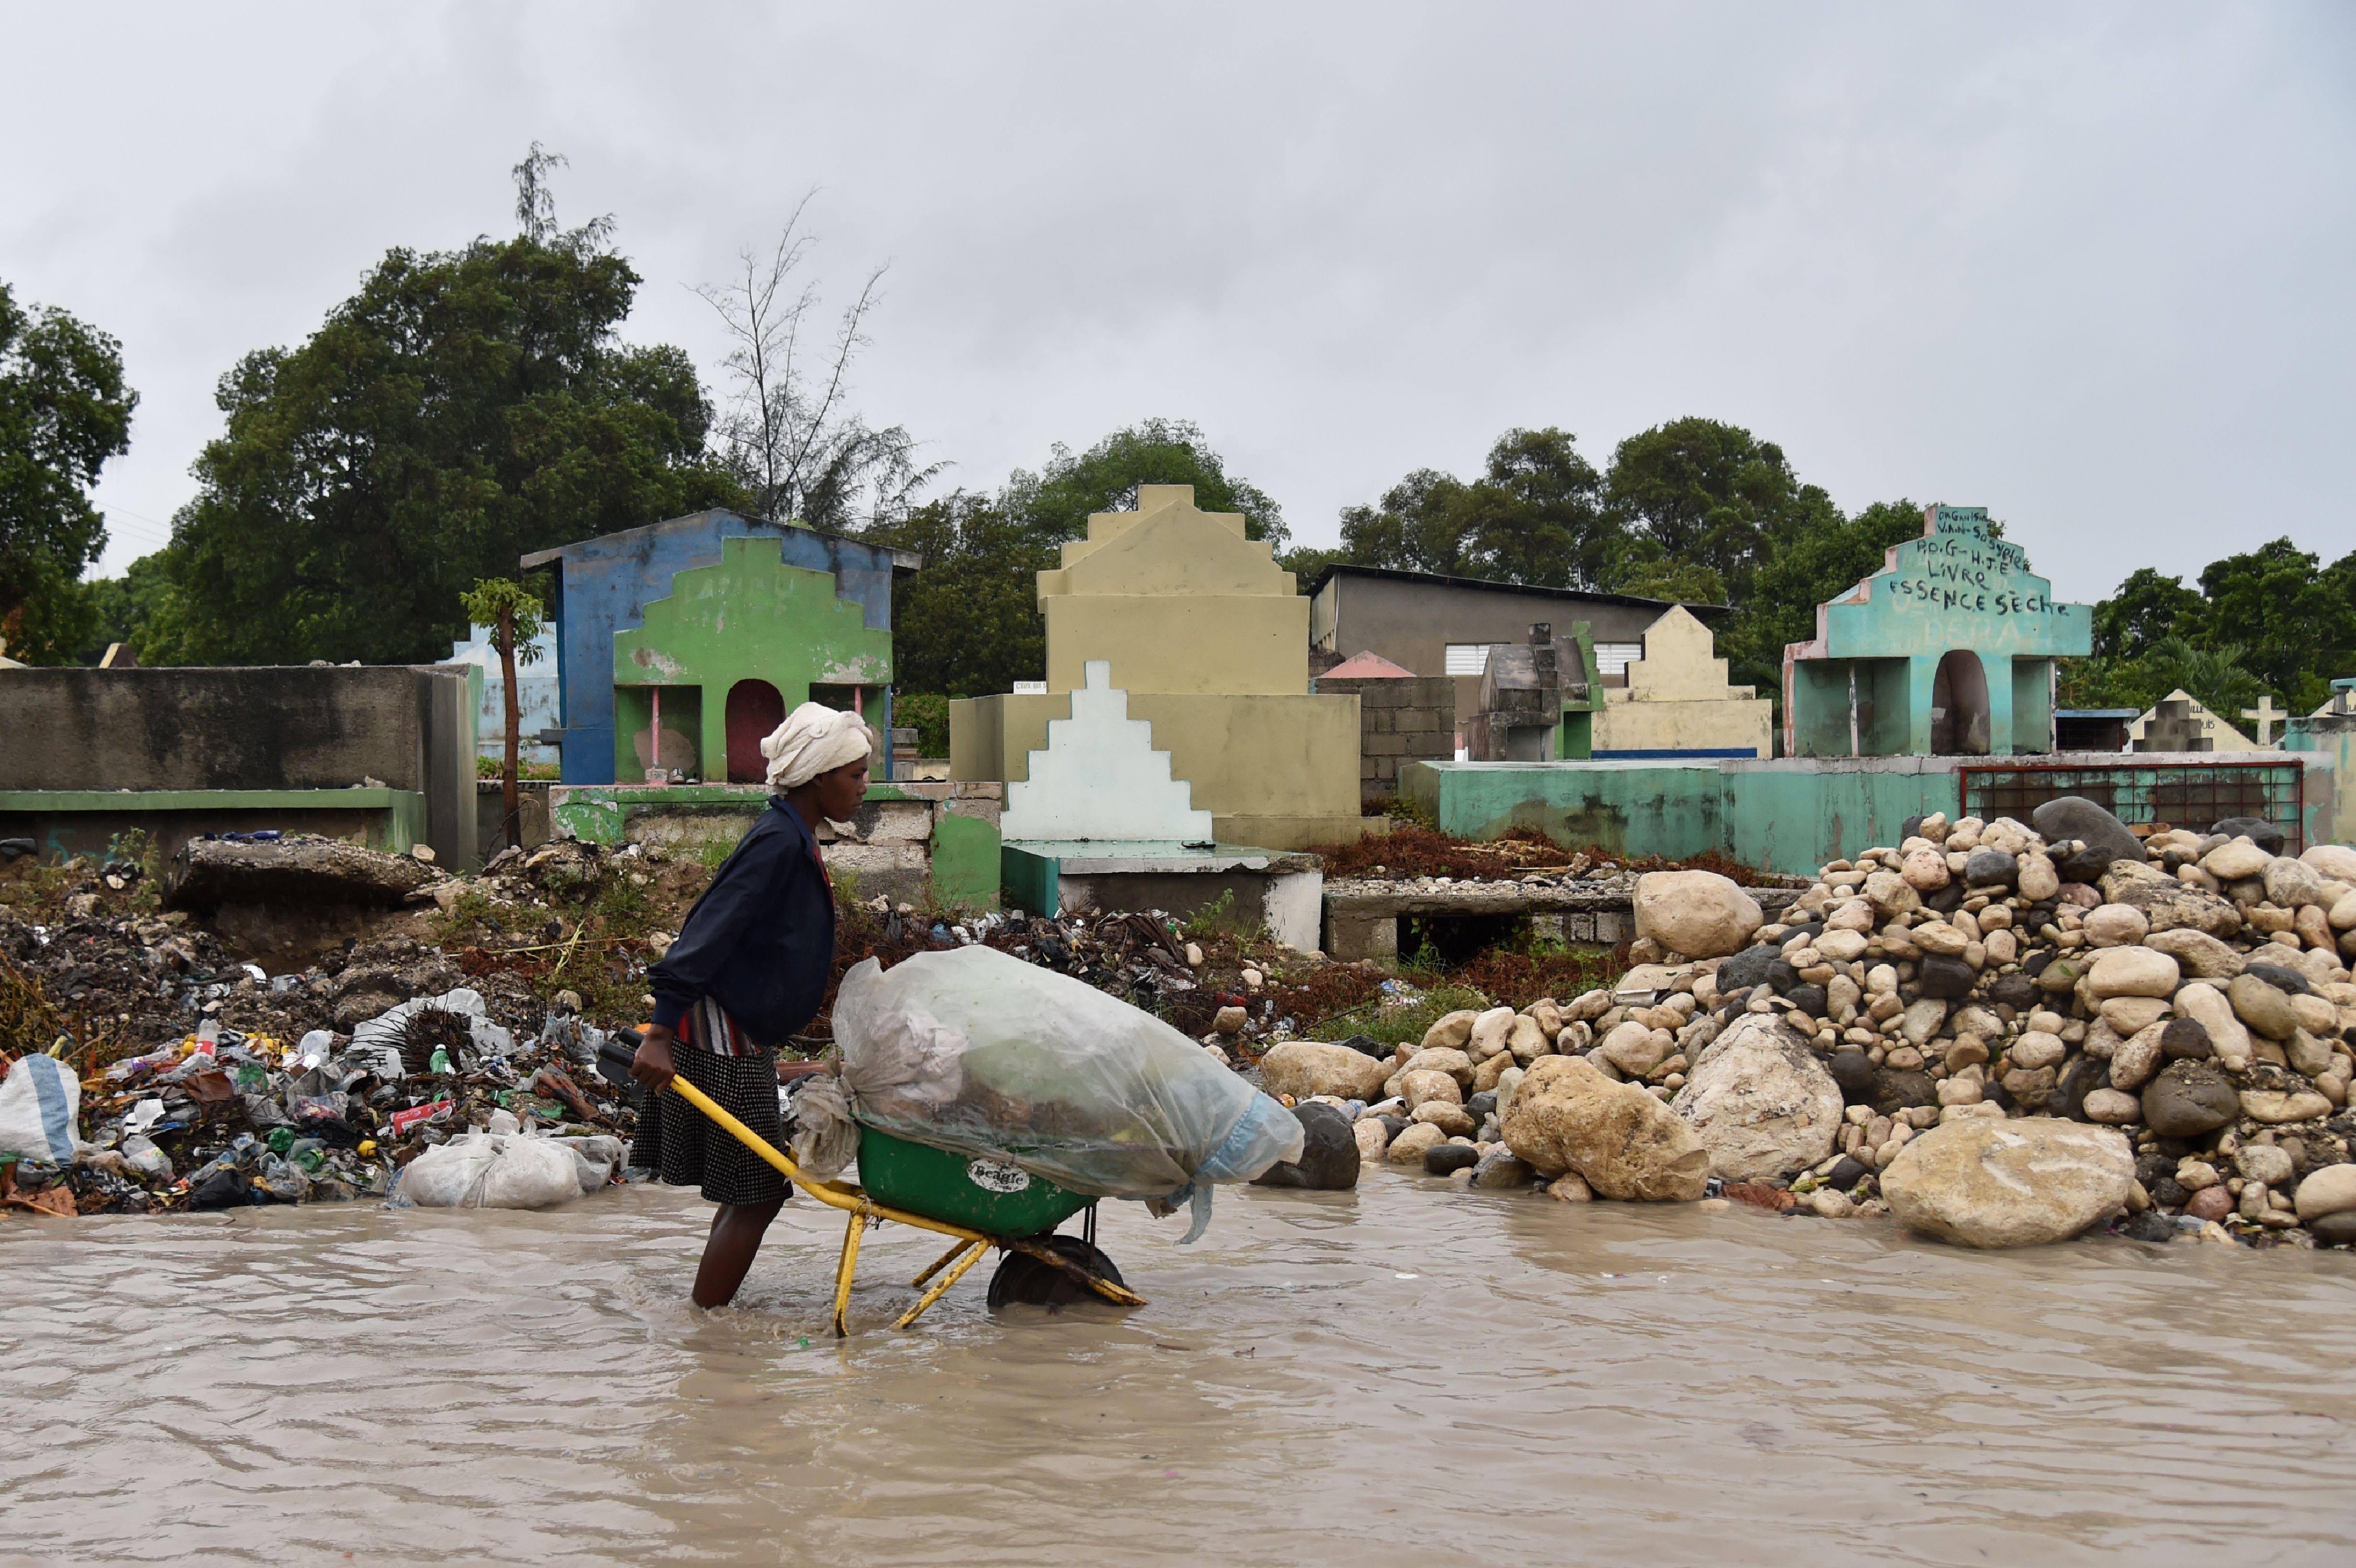 El huracán Matthew tocó tierra en Haití este martes en el oeste del país. Las ciudades de Anse-d'Hainault y Tiburon están parcialmente inundadas. (Crédito: HECTOR RETAMAL/AFP/Getty Images)